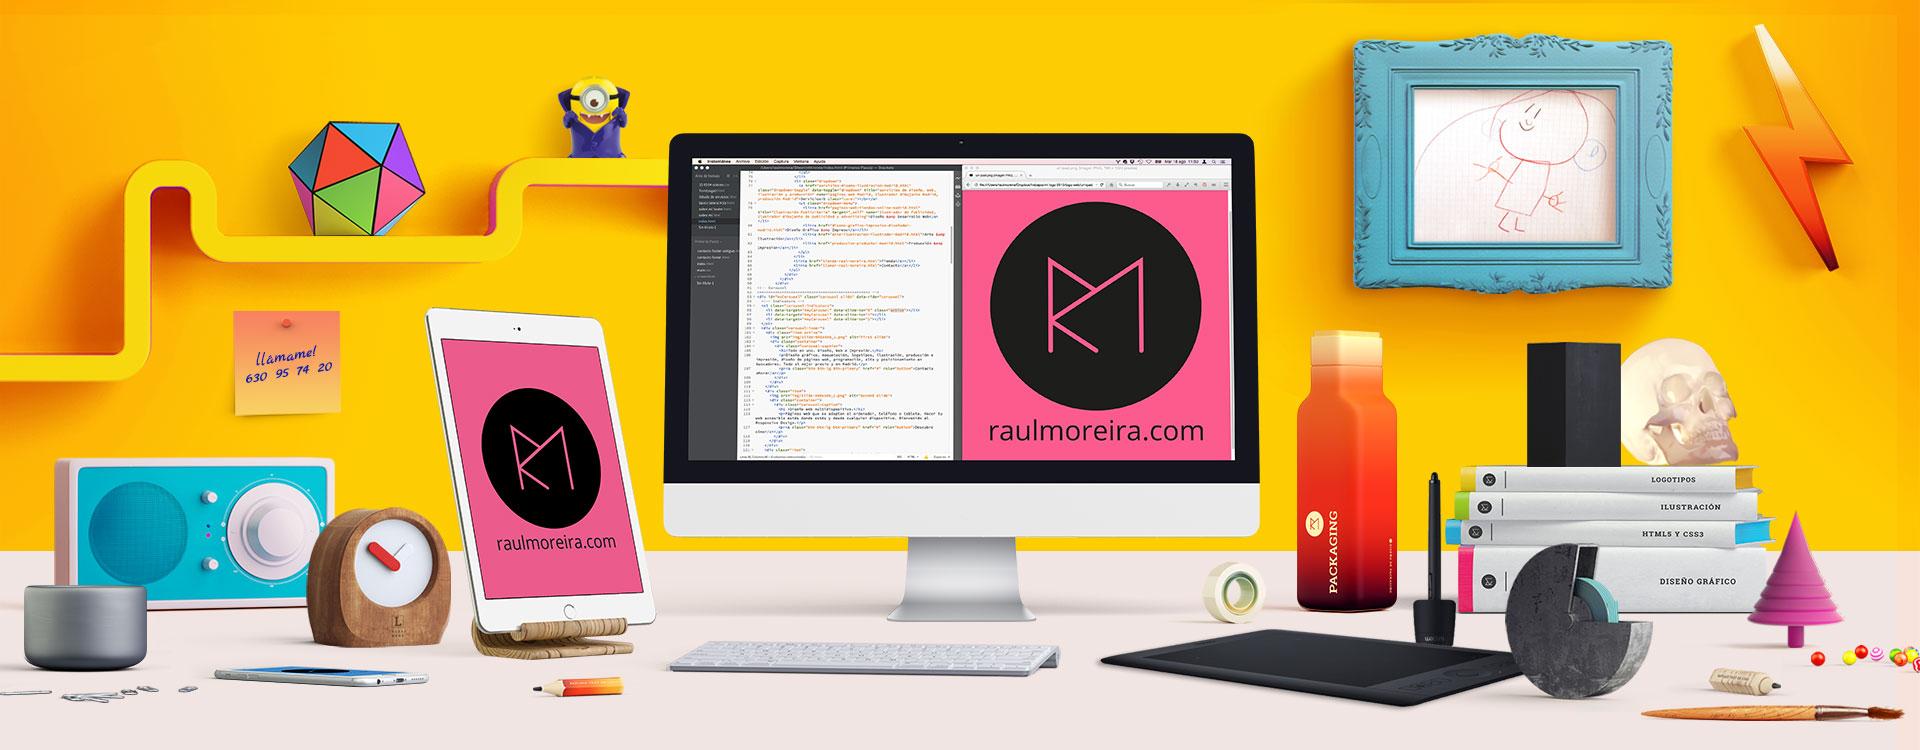 Servicios de diseño de sitios web y logotipos en Madrid, pintura, ilustración y producción gráfica